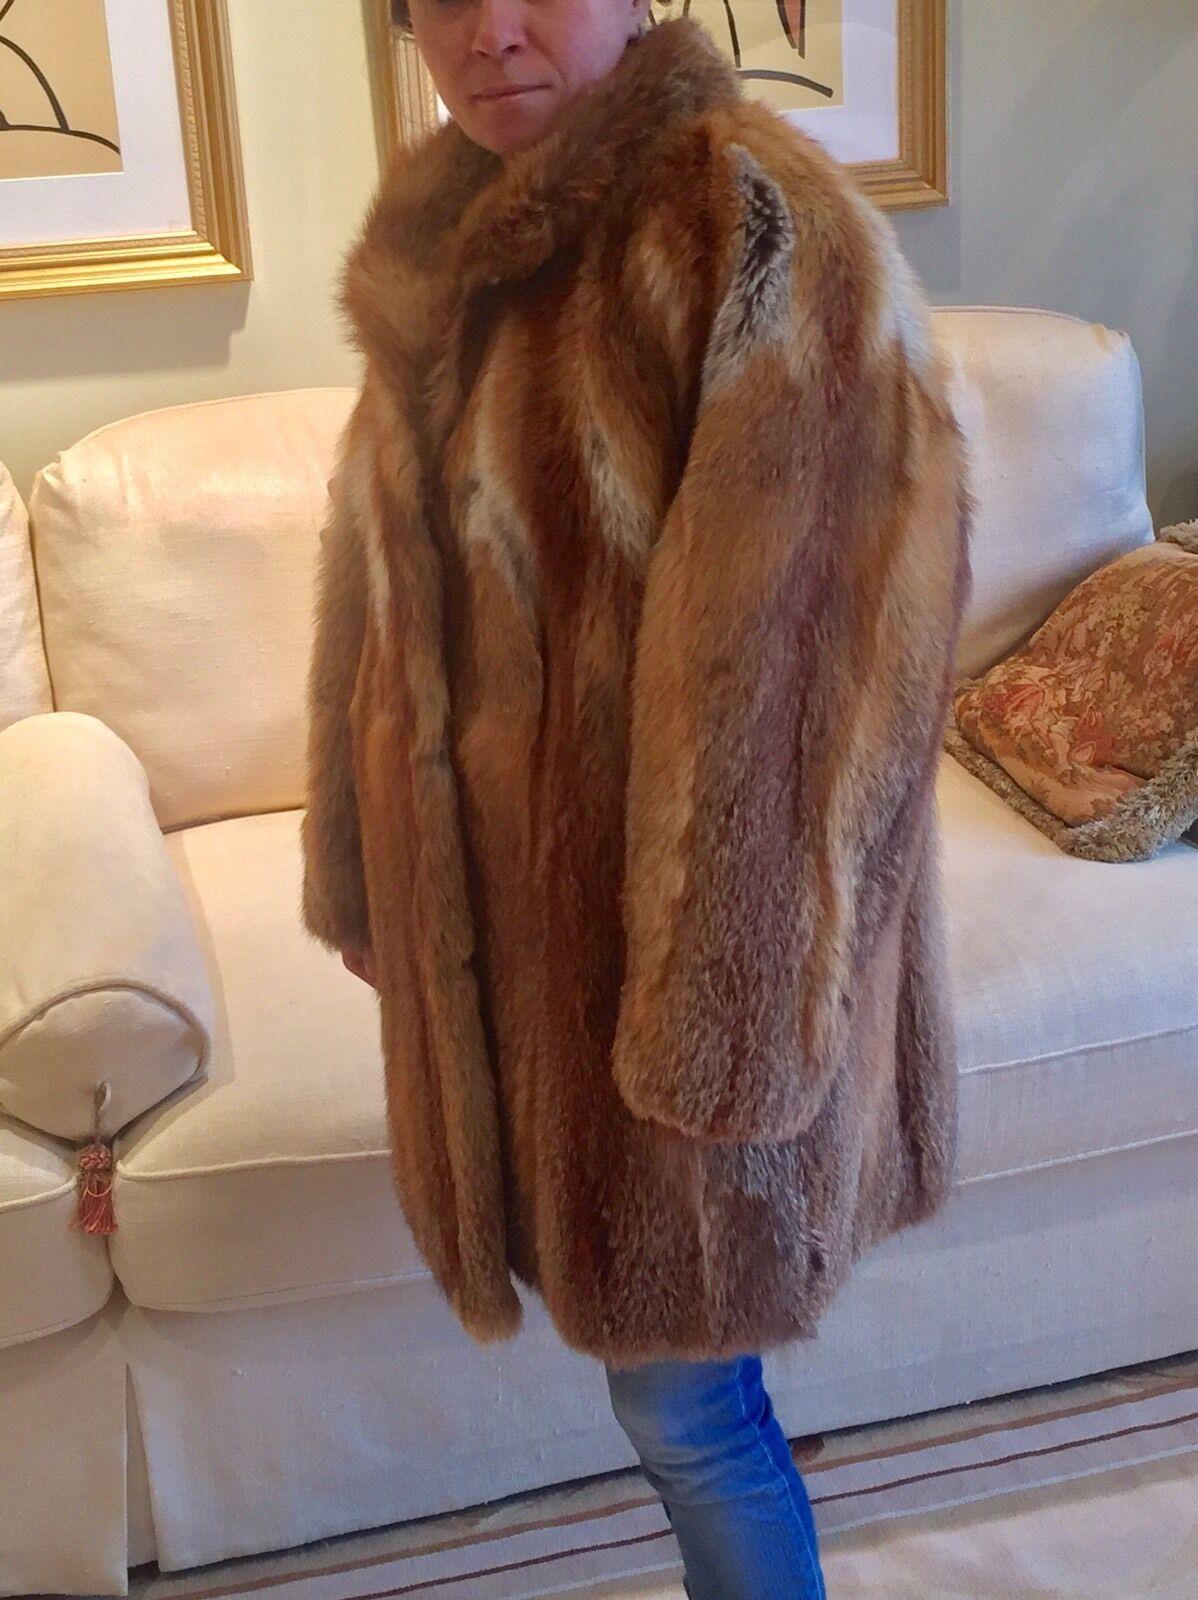 rojo Fox  chaqueta abrigo para la venta. Perfecto o cualquier ocasión y todas las temporadas  sin mínimo